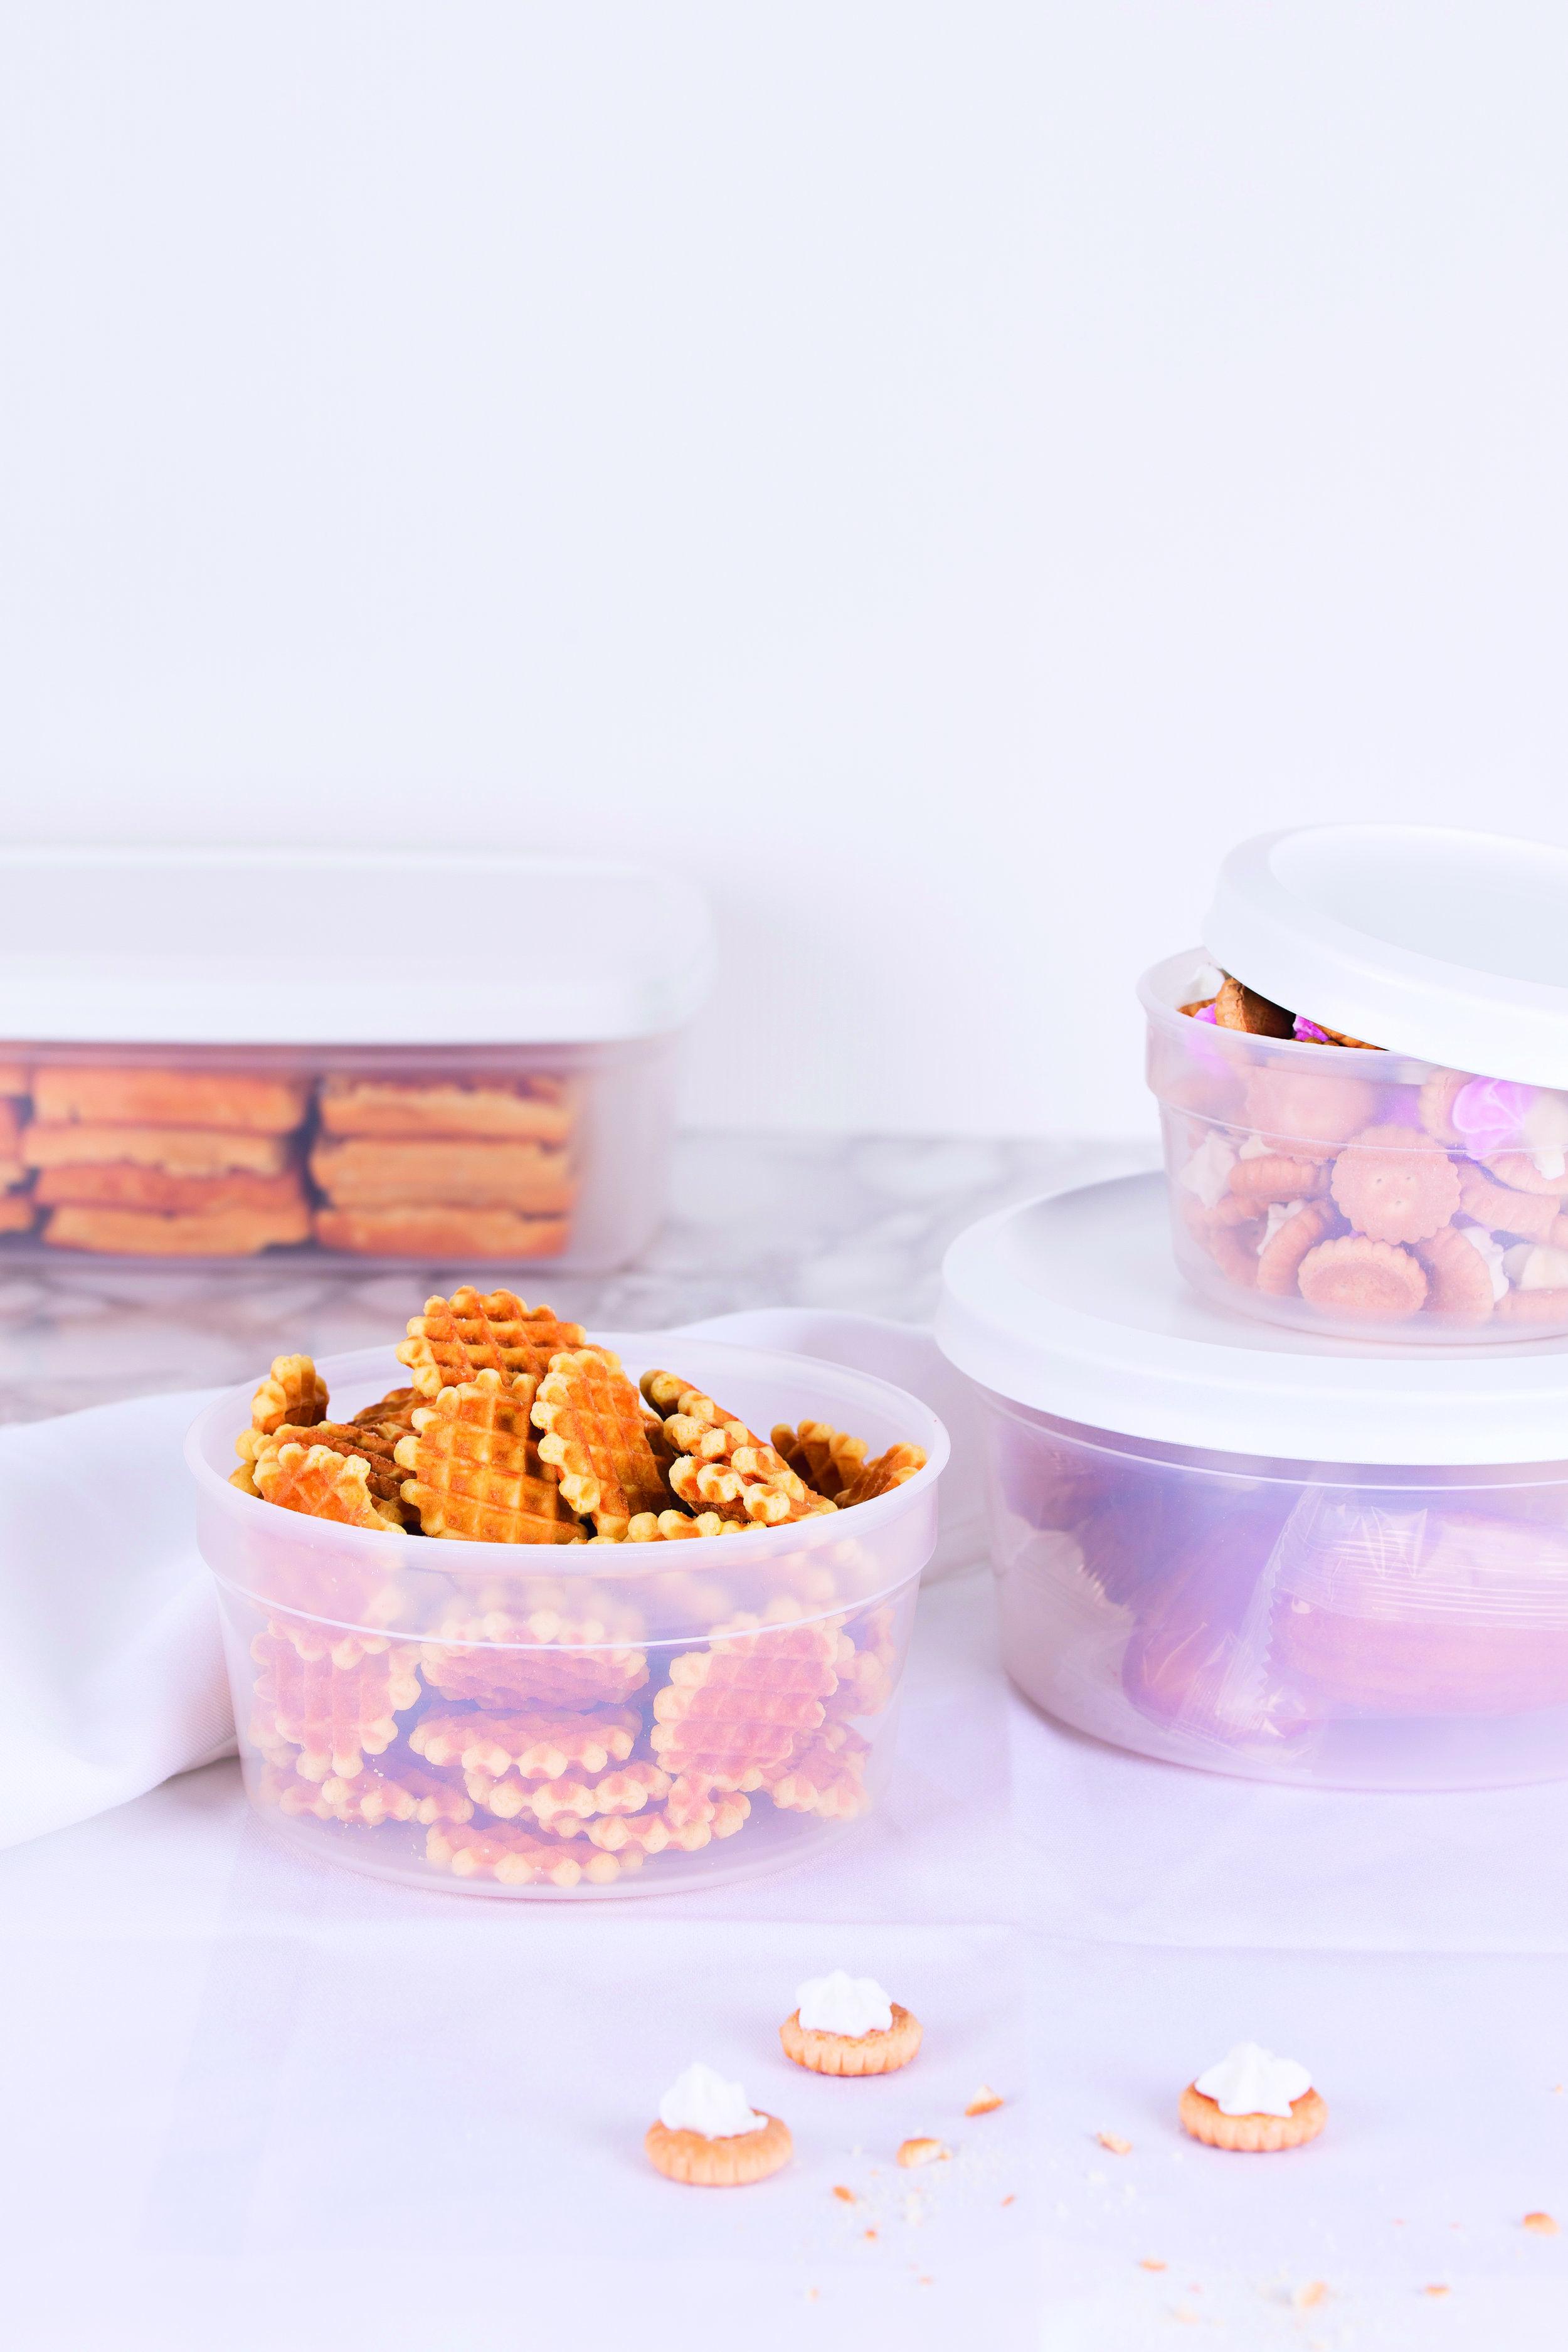 Amuse Tip - ....TIP 1.1 Storing some crunchy and soft biscuits? Avoid putting them in the same box. Otherwise the soft biscuits will turn the crunchy ones into softies. ..CONSEIL 1.1 Conserver des biscuits croquants et doux ? Ne les mettez pas ensemble dans une boîte. Parce que les biscuits doux ramollissent les croquants. ..TIP 1.1 Knapperige én zachte koekjes bewaren? Stop ze niet samen in een doos. Want de zachte koekjes maken softies van de krokante. ..TIPP 1.1 Knusprige und weiche Kekse aufbewahren? Bewahren Sie sie nicht zusammen in einem Behälter auf. Denn die weichen Kekse machen die knusprigen zu Softies. ........TIP 1.2 Pop baking paper between your crunchy biscuits. This makes them even more crunchy and also stops them from sticking together. Two jobs in one! ..CONSEIL 1.2 Glissez du papier de cuisson entre les biscuits crunchy. Ils seront encore plus croustillants et ne colleront pas ensemble. D'une pierre, deux coups ! ..TIP 1.2 Stop bakpapier tussen crunchy koekjes. Zo worden ze nog knapperiger én gaan ze niet aan elkaar kleven. Twee vliegen in één klap! ..TIPP 1.2 Legen Sie Backpapier zwischen crunchy Kekse. So werden sie noch knuspriger und kleben sie nicht aneinander. Zwei Fliegen mit einer Klappe! ........TIP 2 Fridge or store cupboard: always store vegetables and fruit separately. The ethylene given off by fruit causes vegetables to ripen too quickly. ..CONSEIL 2 Au frigo ou dans le garde-manger : conservez toujours les fruits et les légumes séparément. L'éthylène contenu dans les fruits fait mûrir les légumes trop rapidement. ..TIP 2 Koelkast of voorraadkast: bewaar groenten en fruit altijd apart. Het ethyleen dat het fruit afgeeft, doet groenten te snel rijpen. ..TIPP 2 Kühlschrank oder Vorratsschrank: Bewahren Sie Gemüse und Obst immer getrennt auf. Das Ethylen, das das Obst ausscheidet, lässt Gemüse zu schnell reifen. ........ RECIPE Mixed nuts and raisins are a real energy bomb – and healthy too. Nuts contain vitamins and antioxidants, and ar